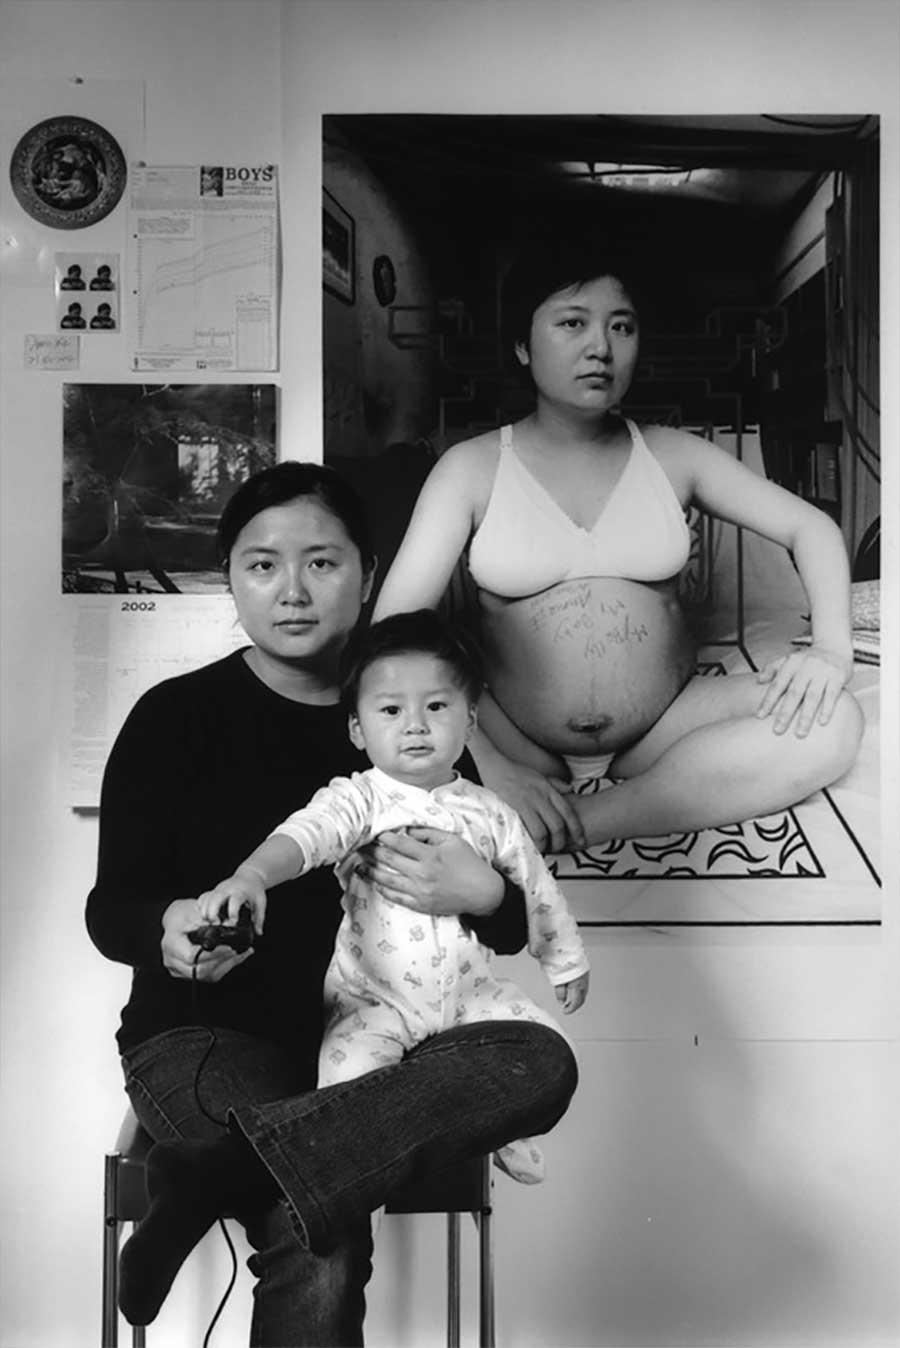 Mutter fügt 17 Jahre Bildebenen hinzu, die Sohn aufwachsen zeigen mutter-17-jahre-foto-in-foto_03